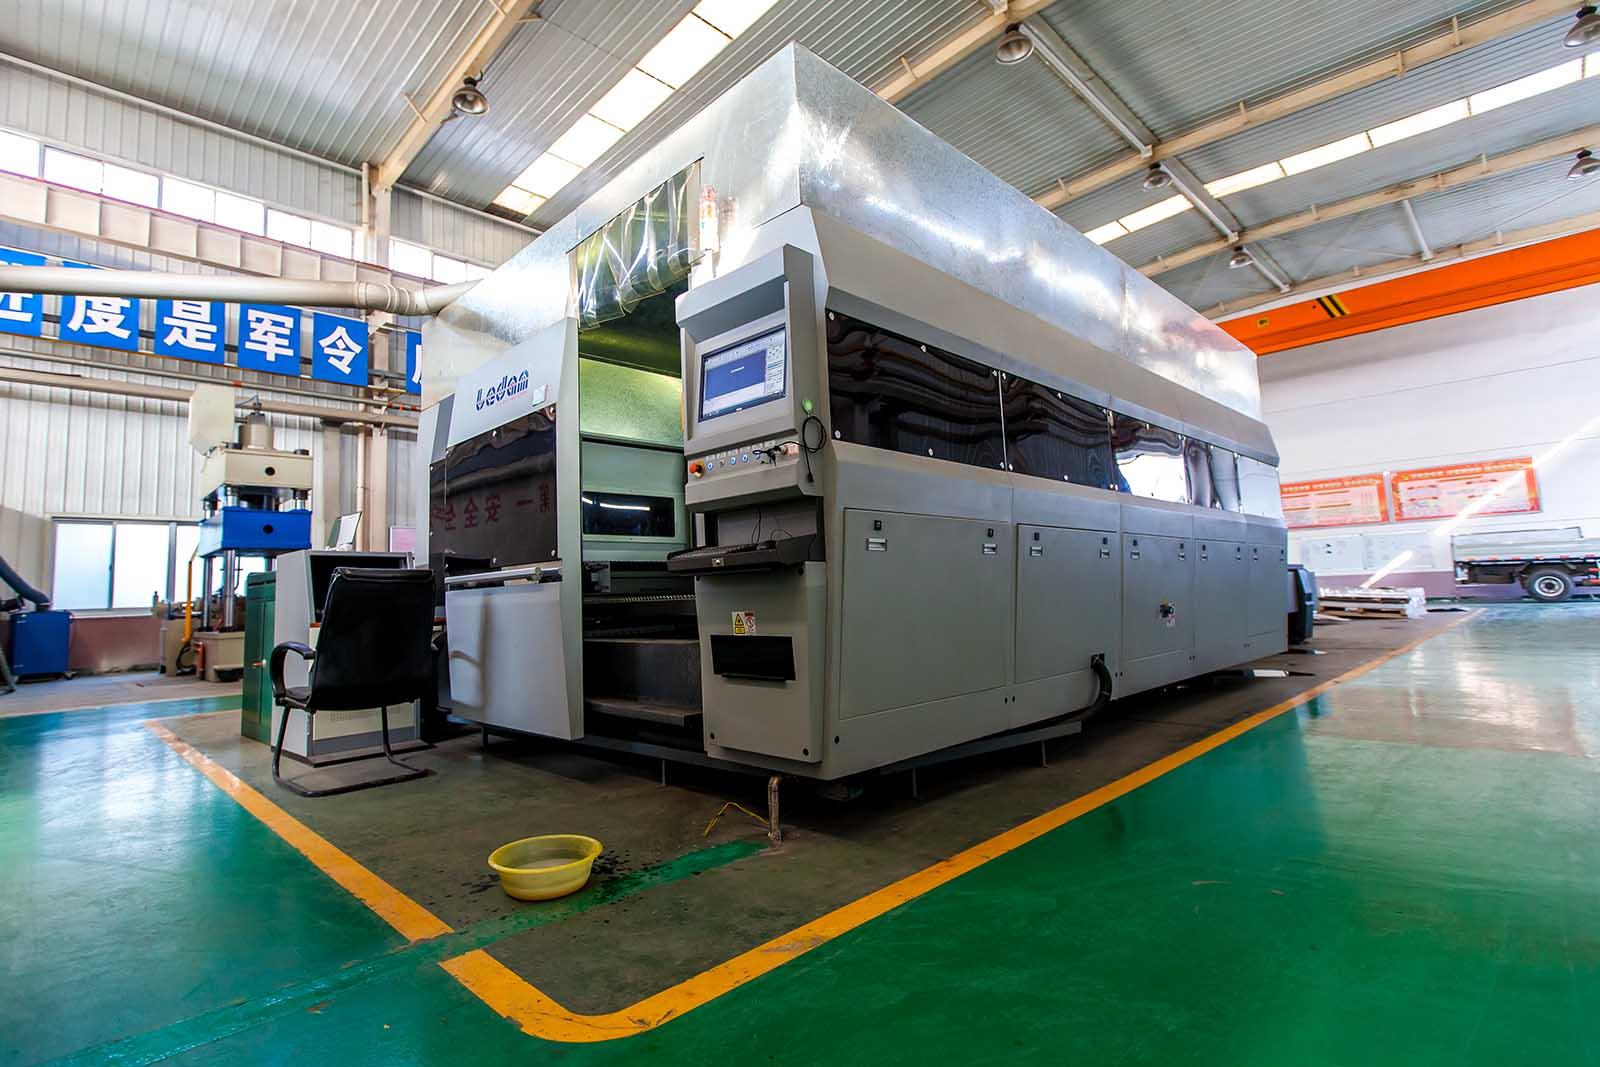 西安翔辉机电科技有限公司光纤激光切割机